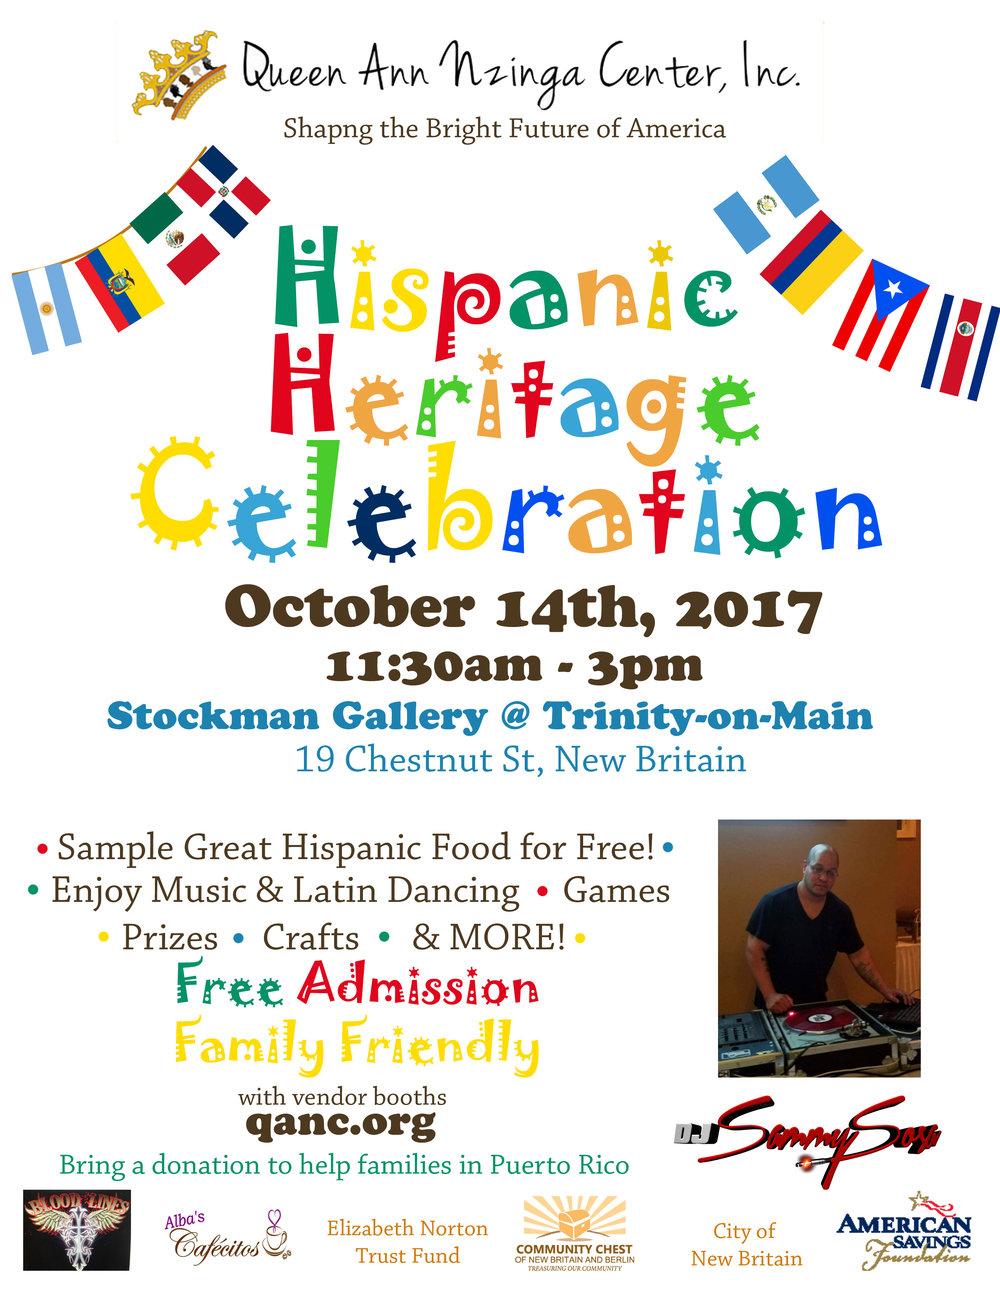 hispanic heritage poster 2017 UPDATED.jpg